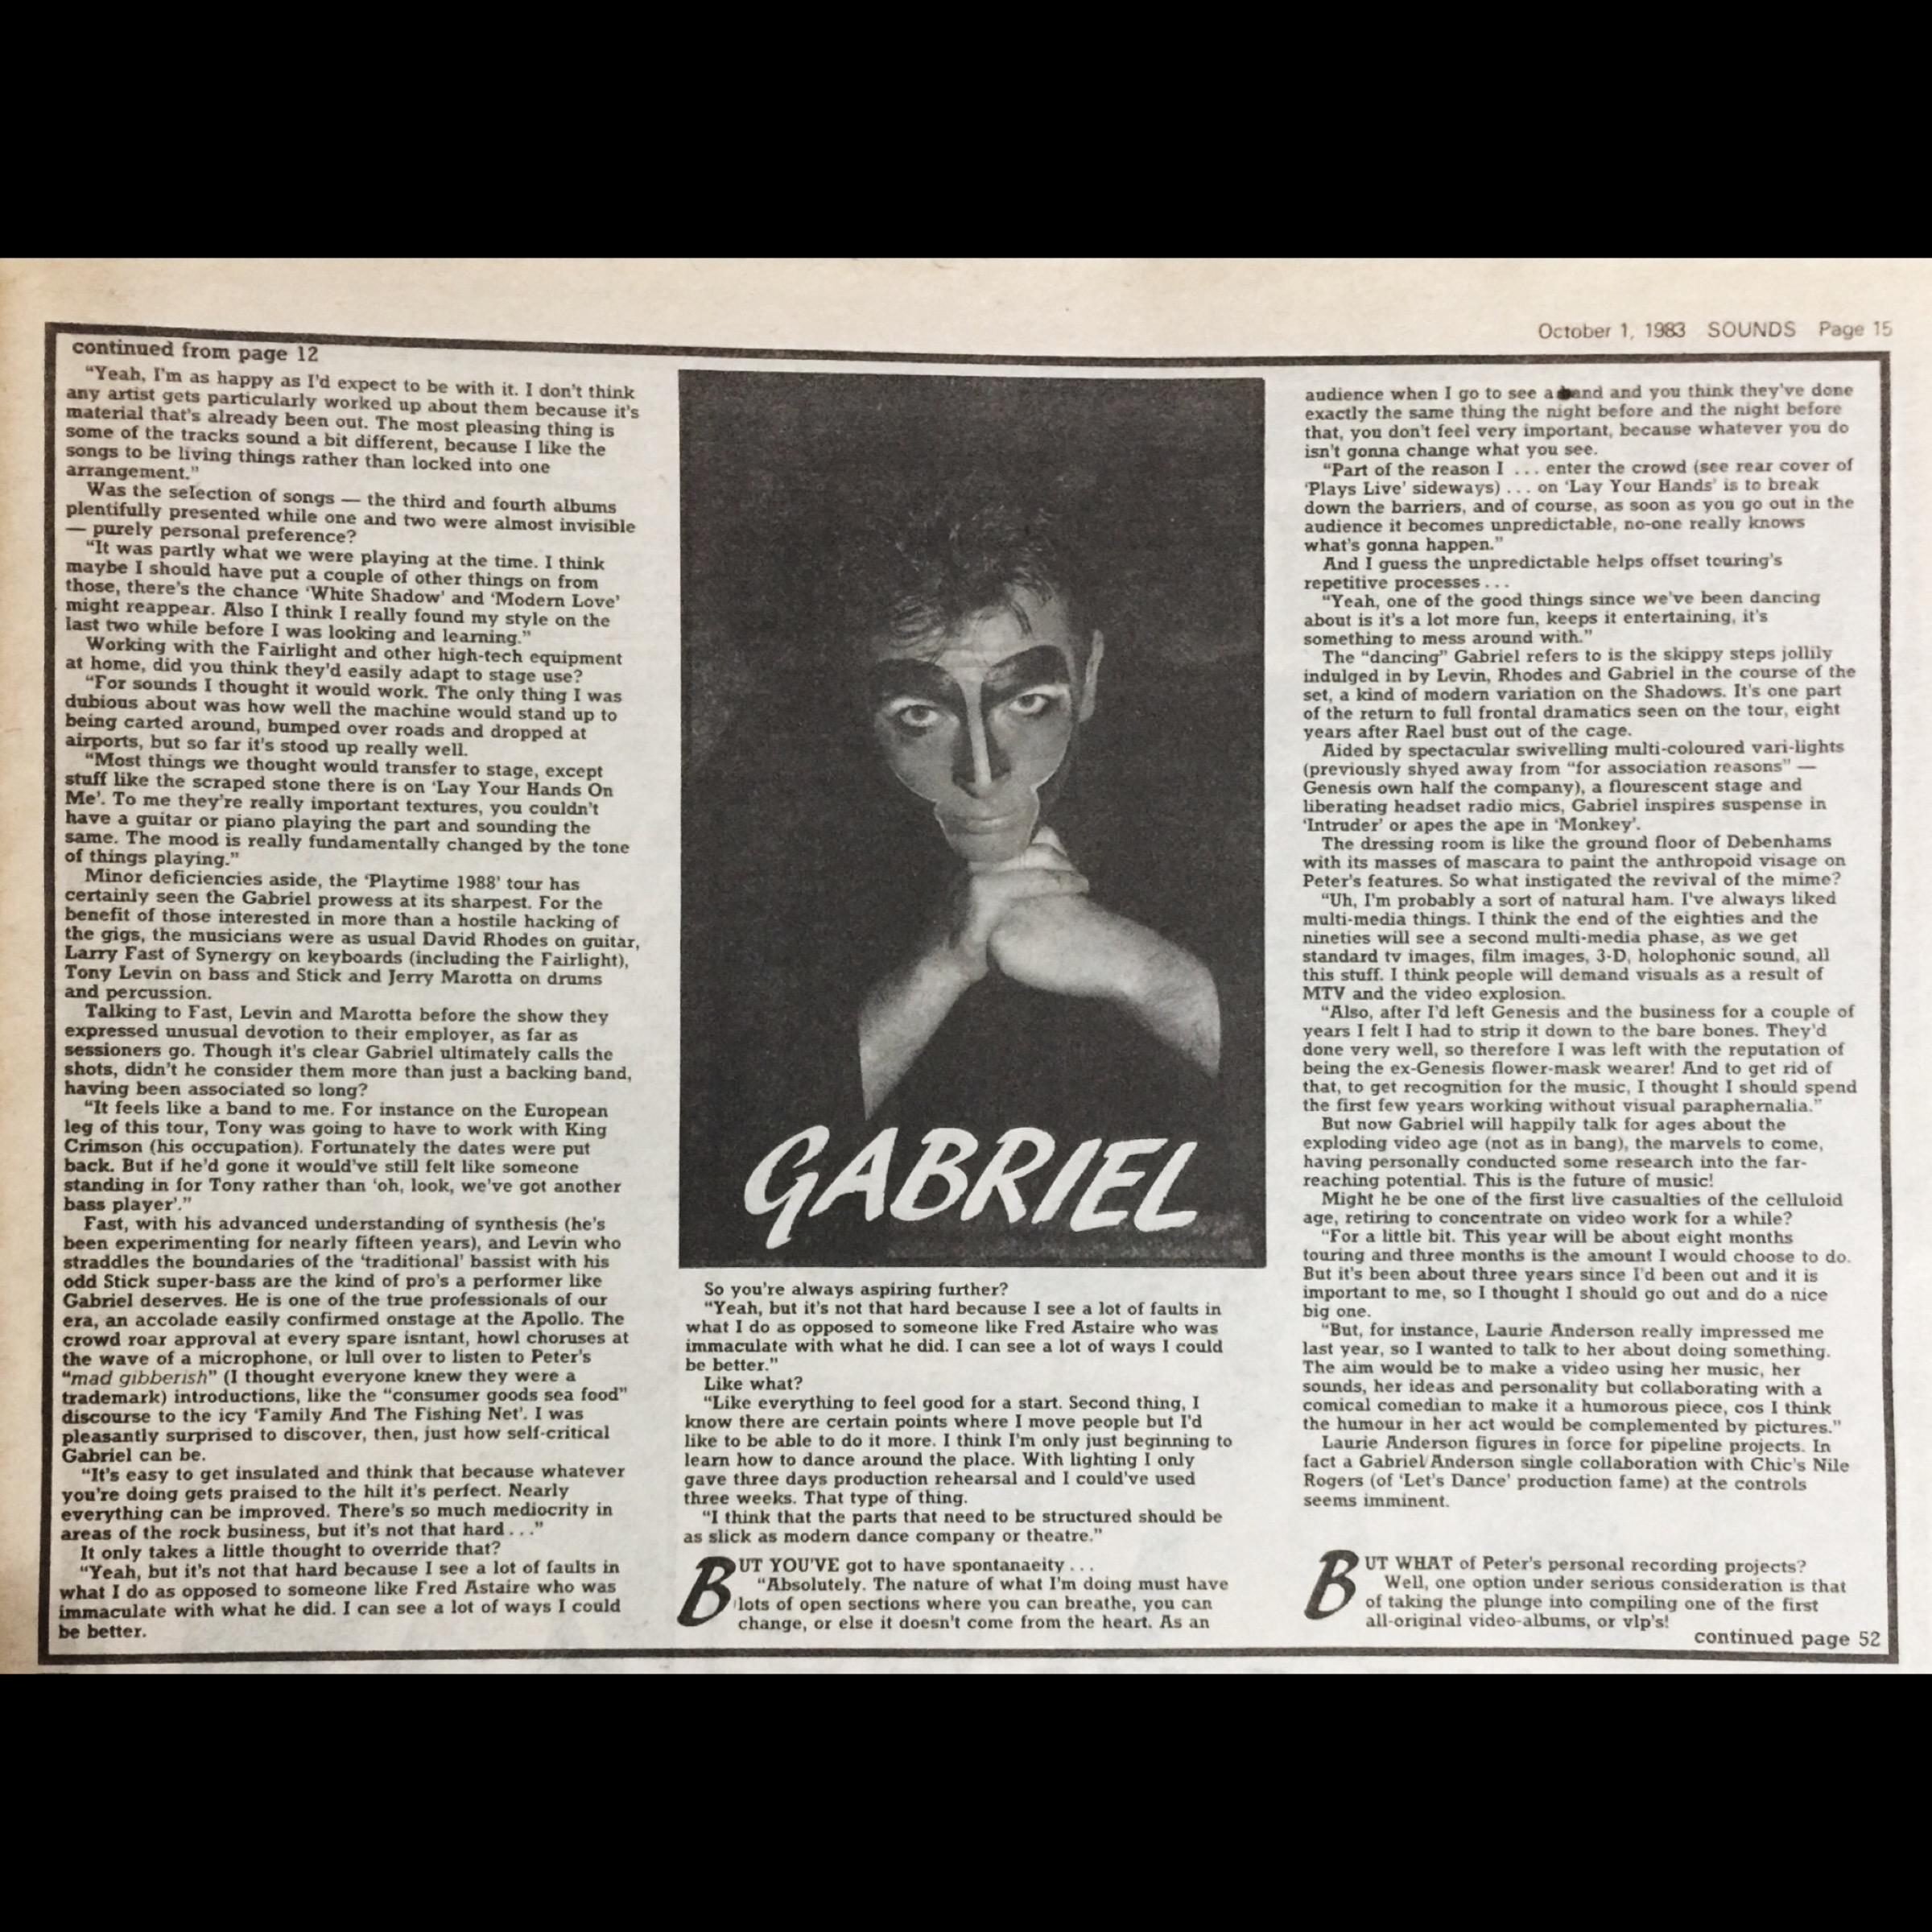 GabrielOct-15